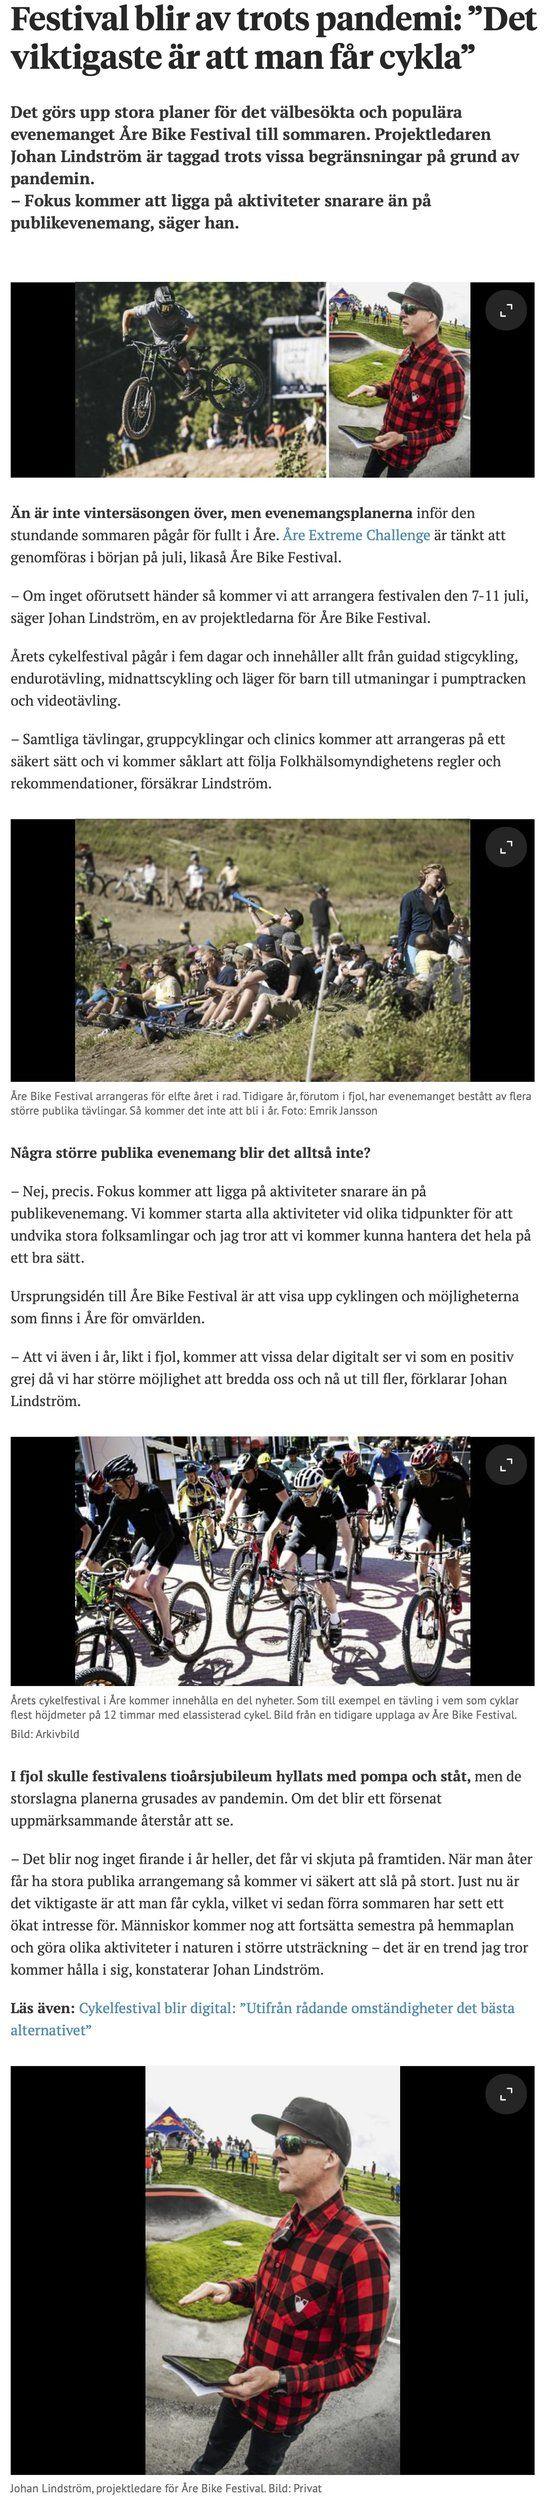 """Festival blir av trots pandemi: """"Det viktigaste är att man får cykla"""".jpg"""